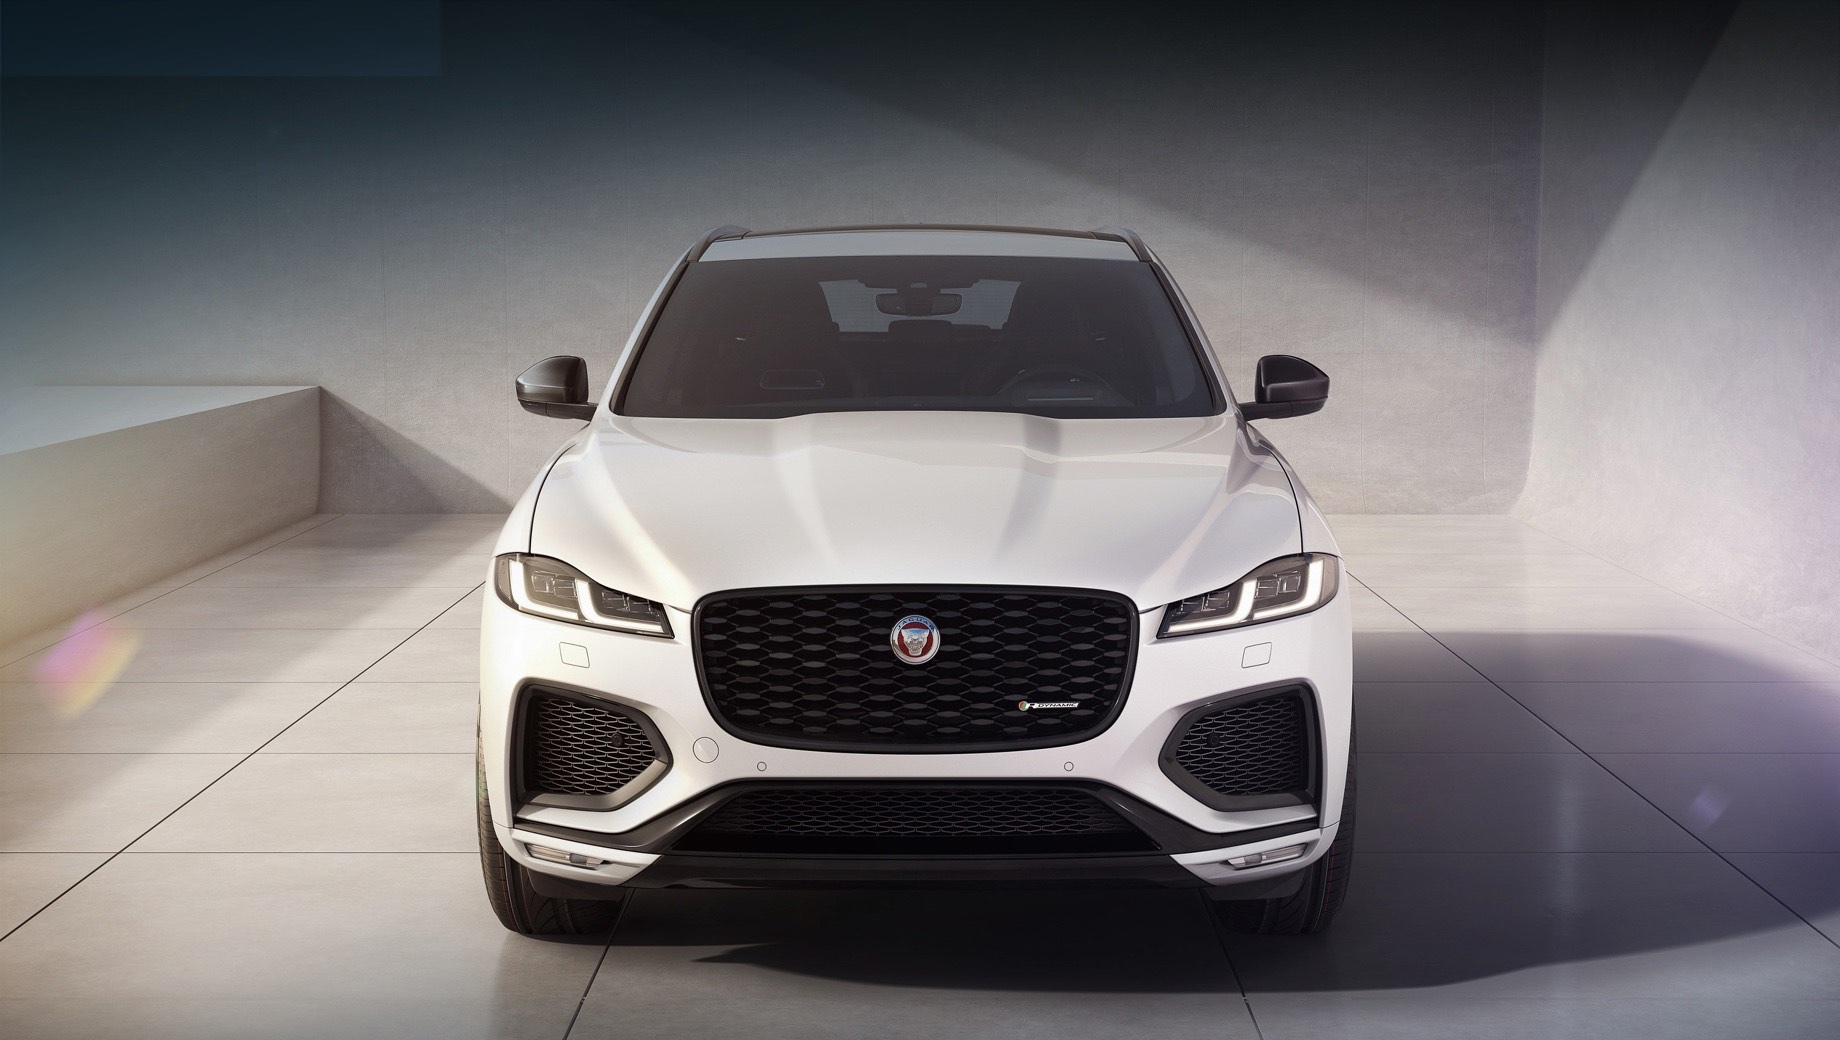 Jaguar f-pace. Глянцево-чёрными сделаны элементы в решётке и бамперах, корпуса наружных зеркал, окантовка воздухозаборников и стёкол, рейлинги, шильдики и 20-дюймовые диски Style 1067.